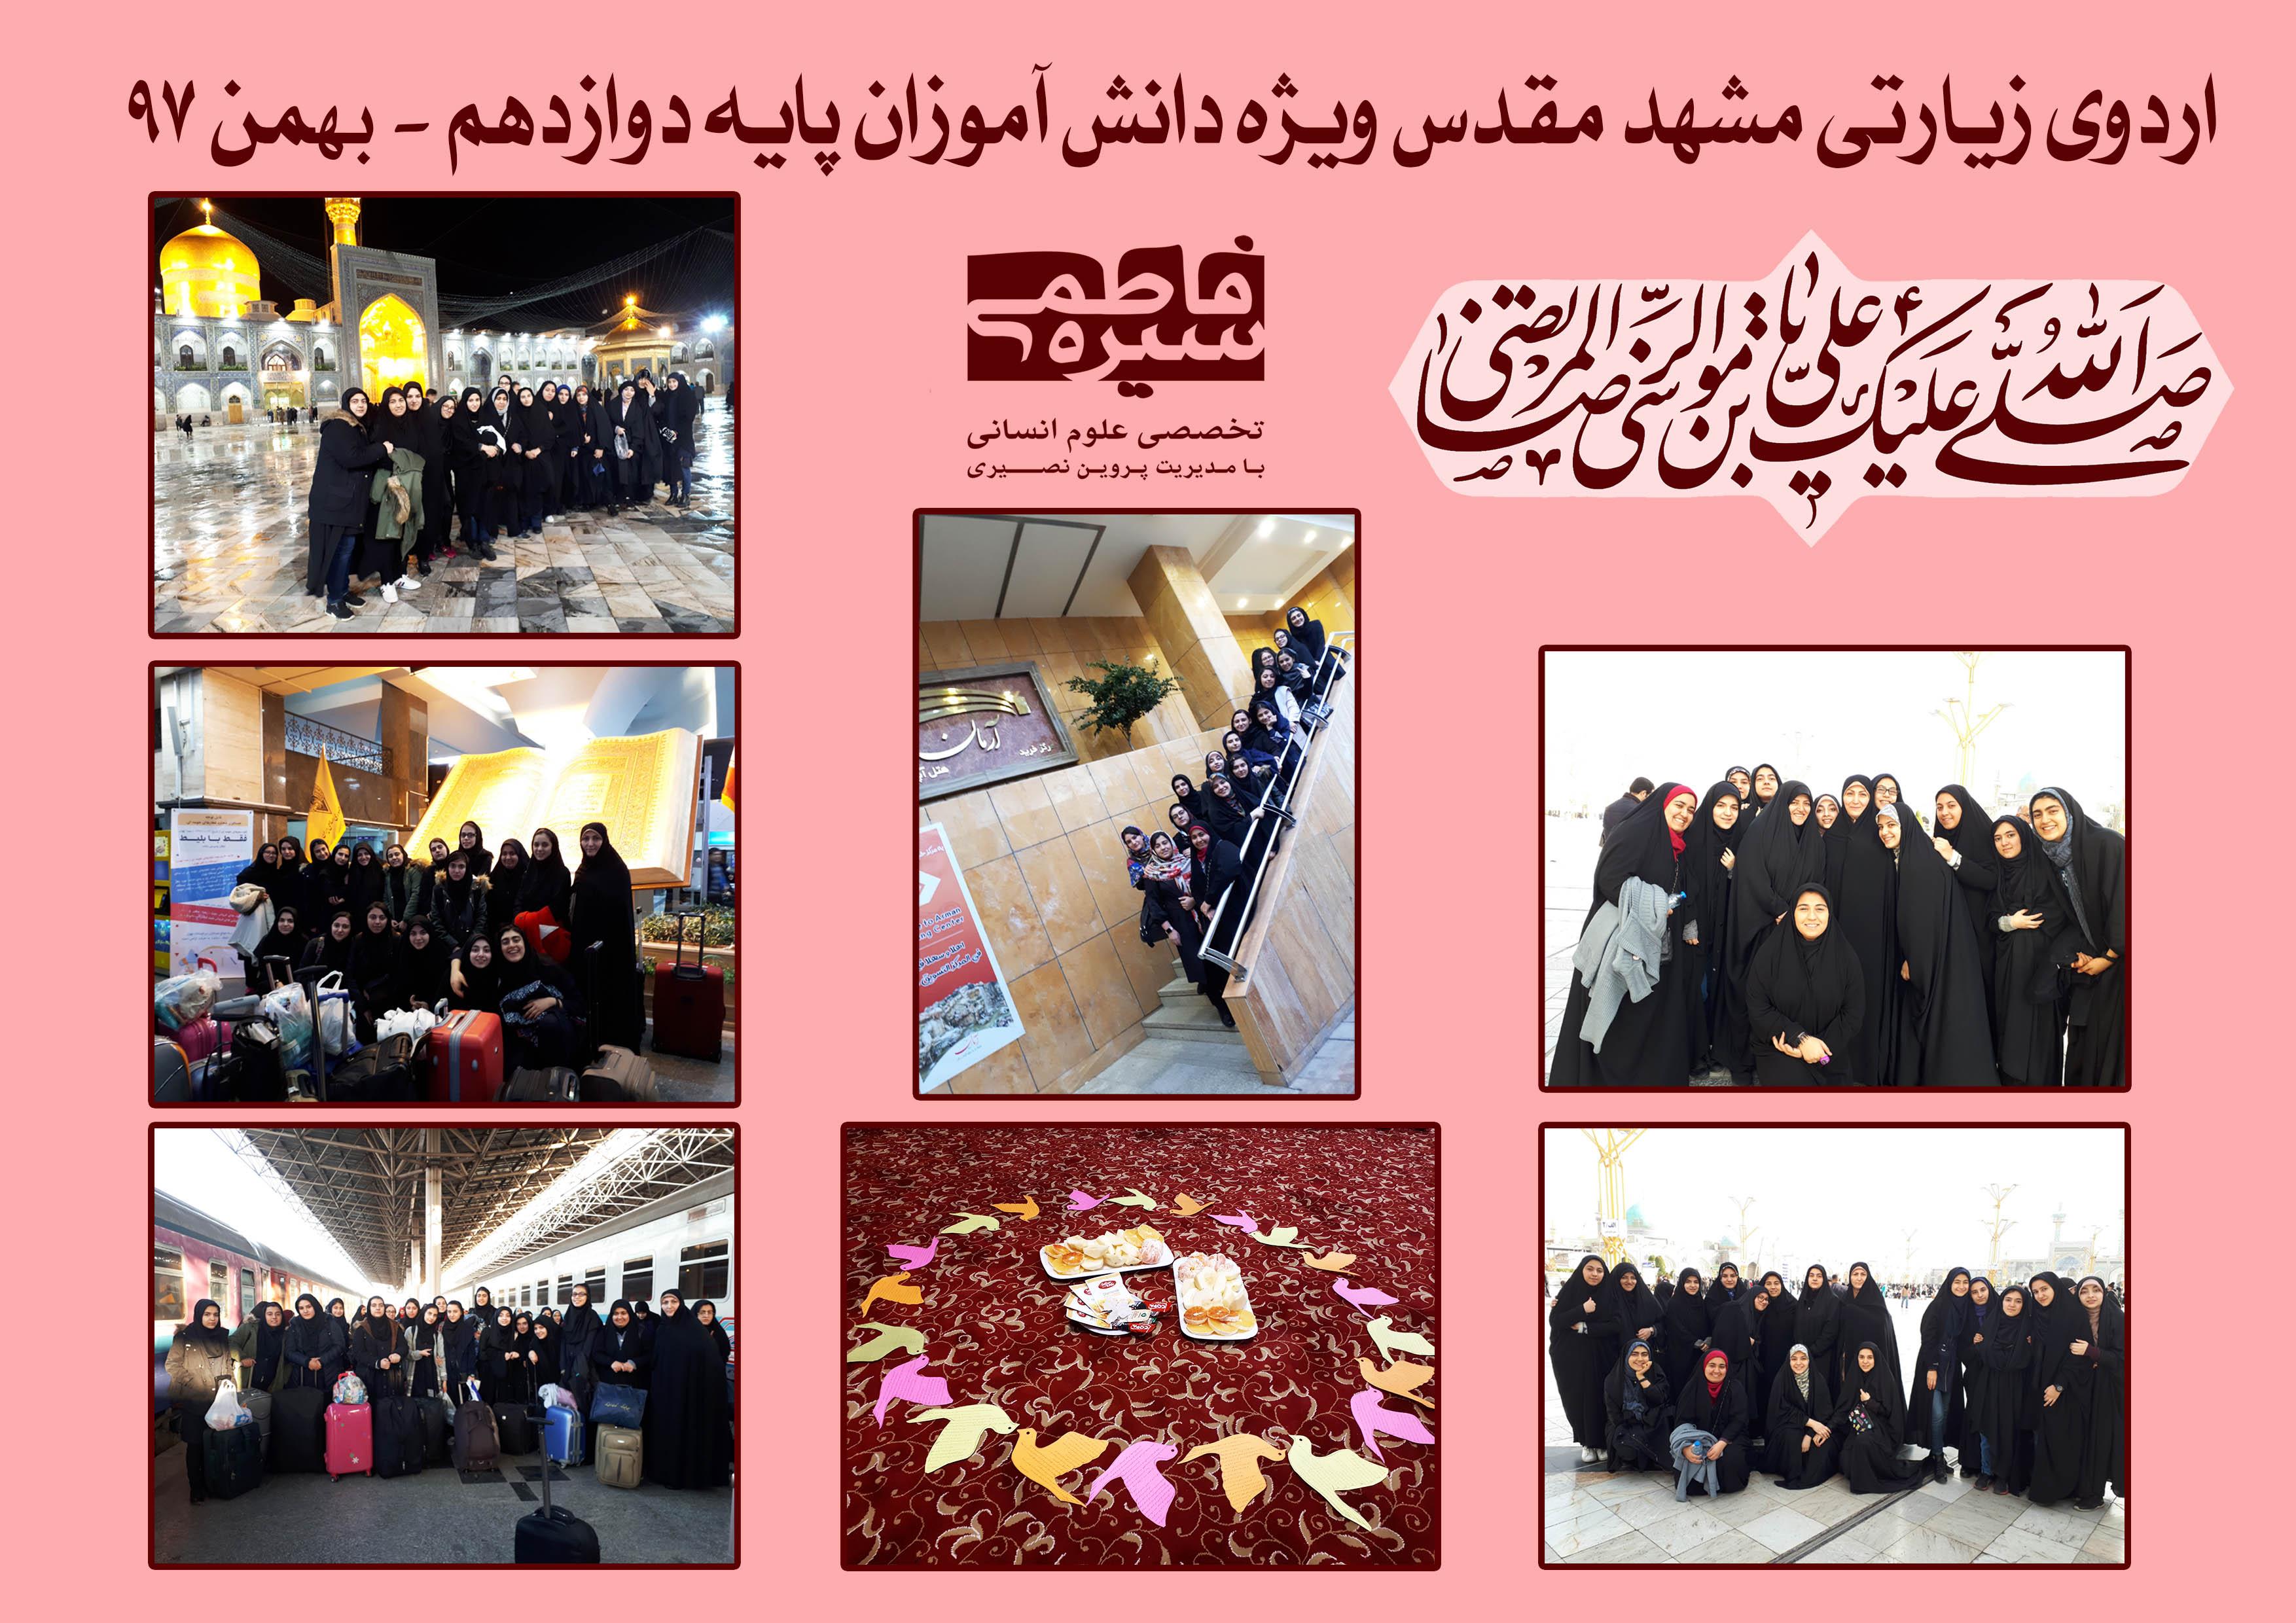 اردوی زیارتی مشهد مقدس